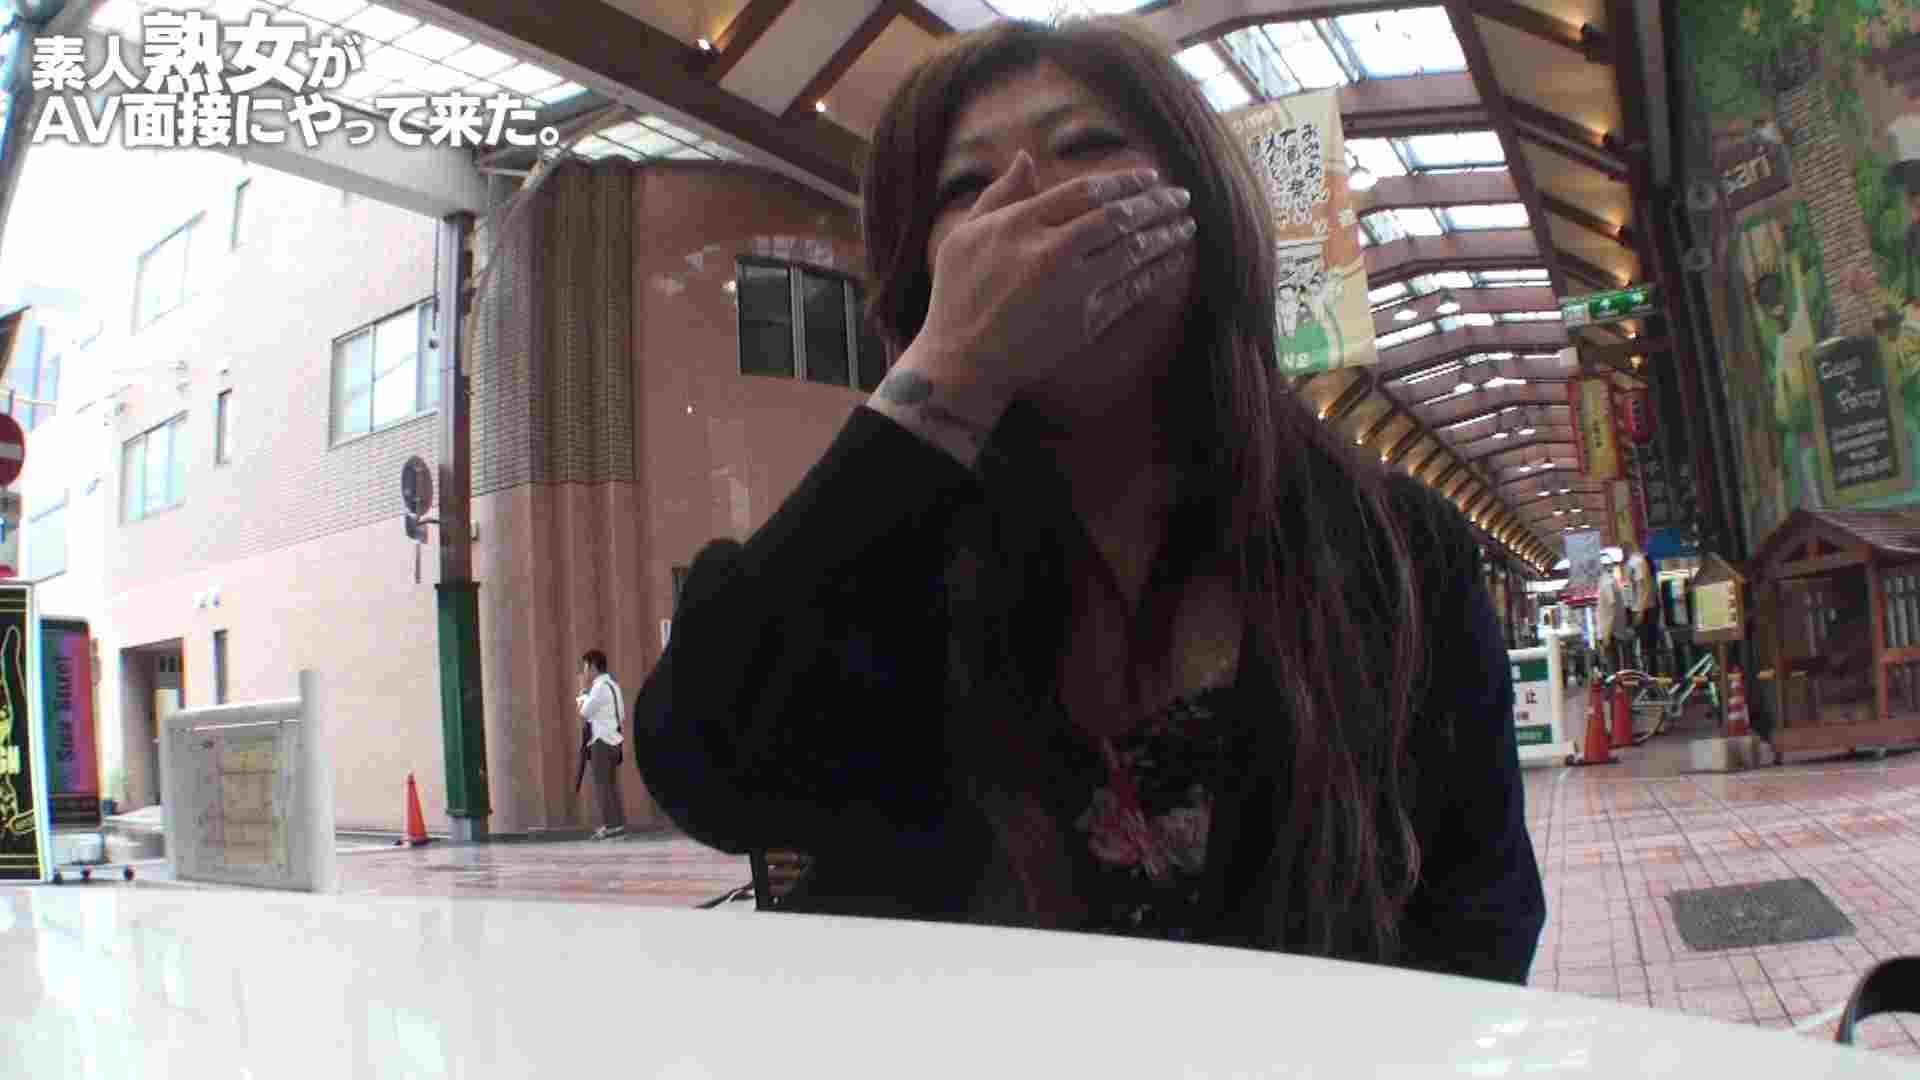 素人熟女がAV面接にやってきた (仮名)ゆかさんVOL.01 熟女 すけべAV動画紹介 75PIX 49